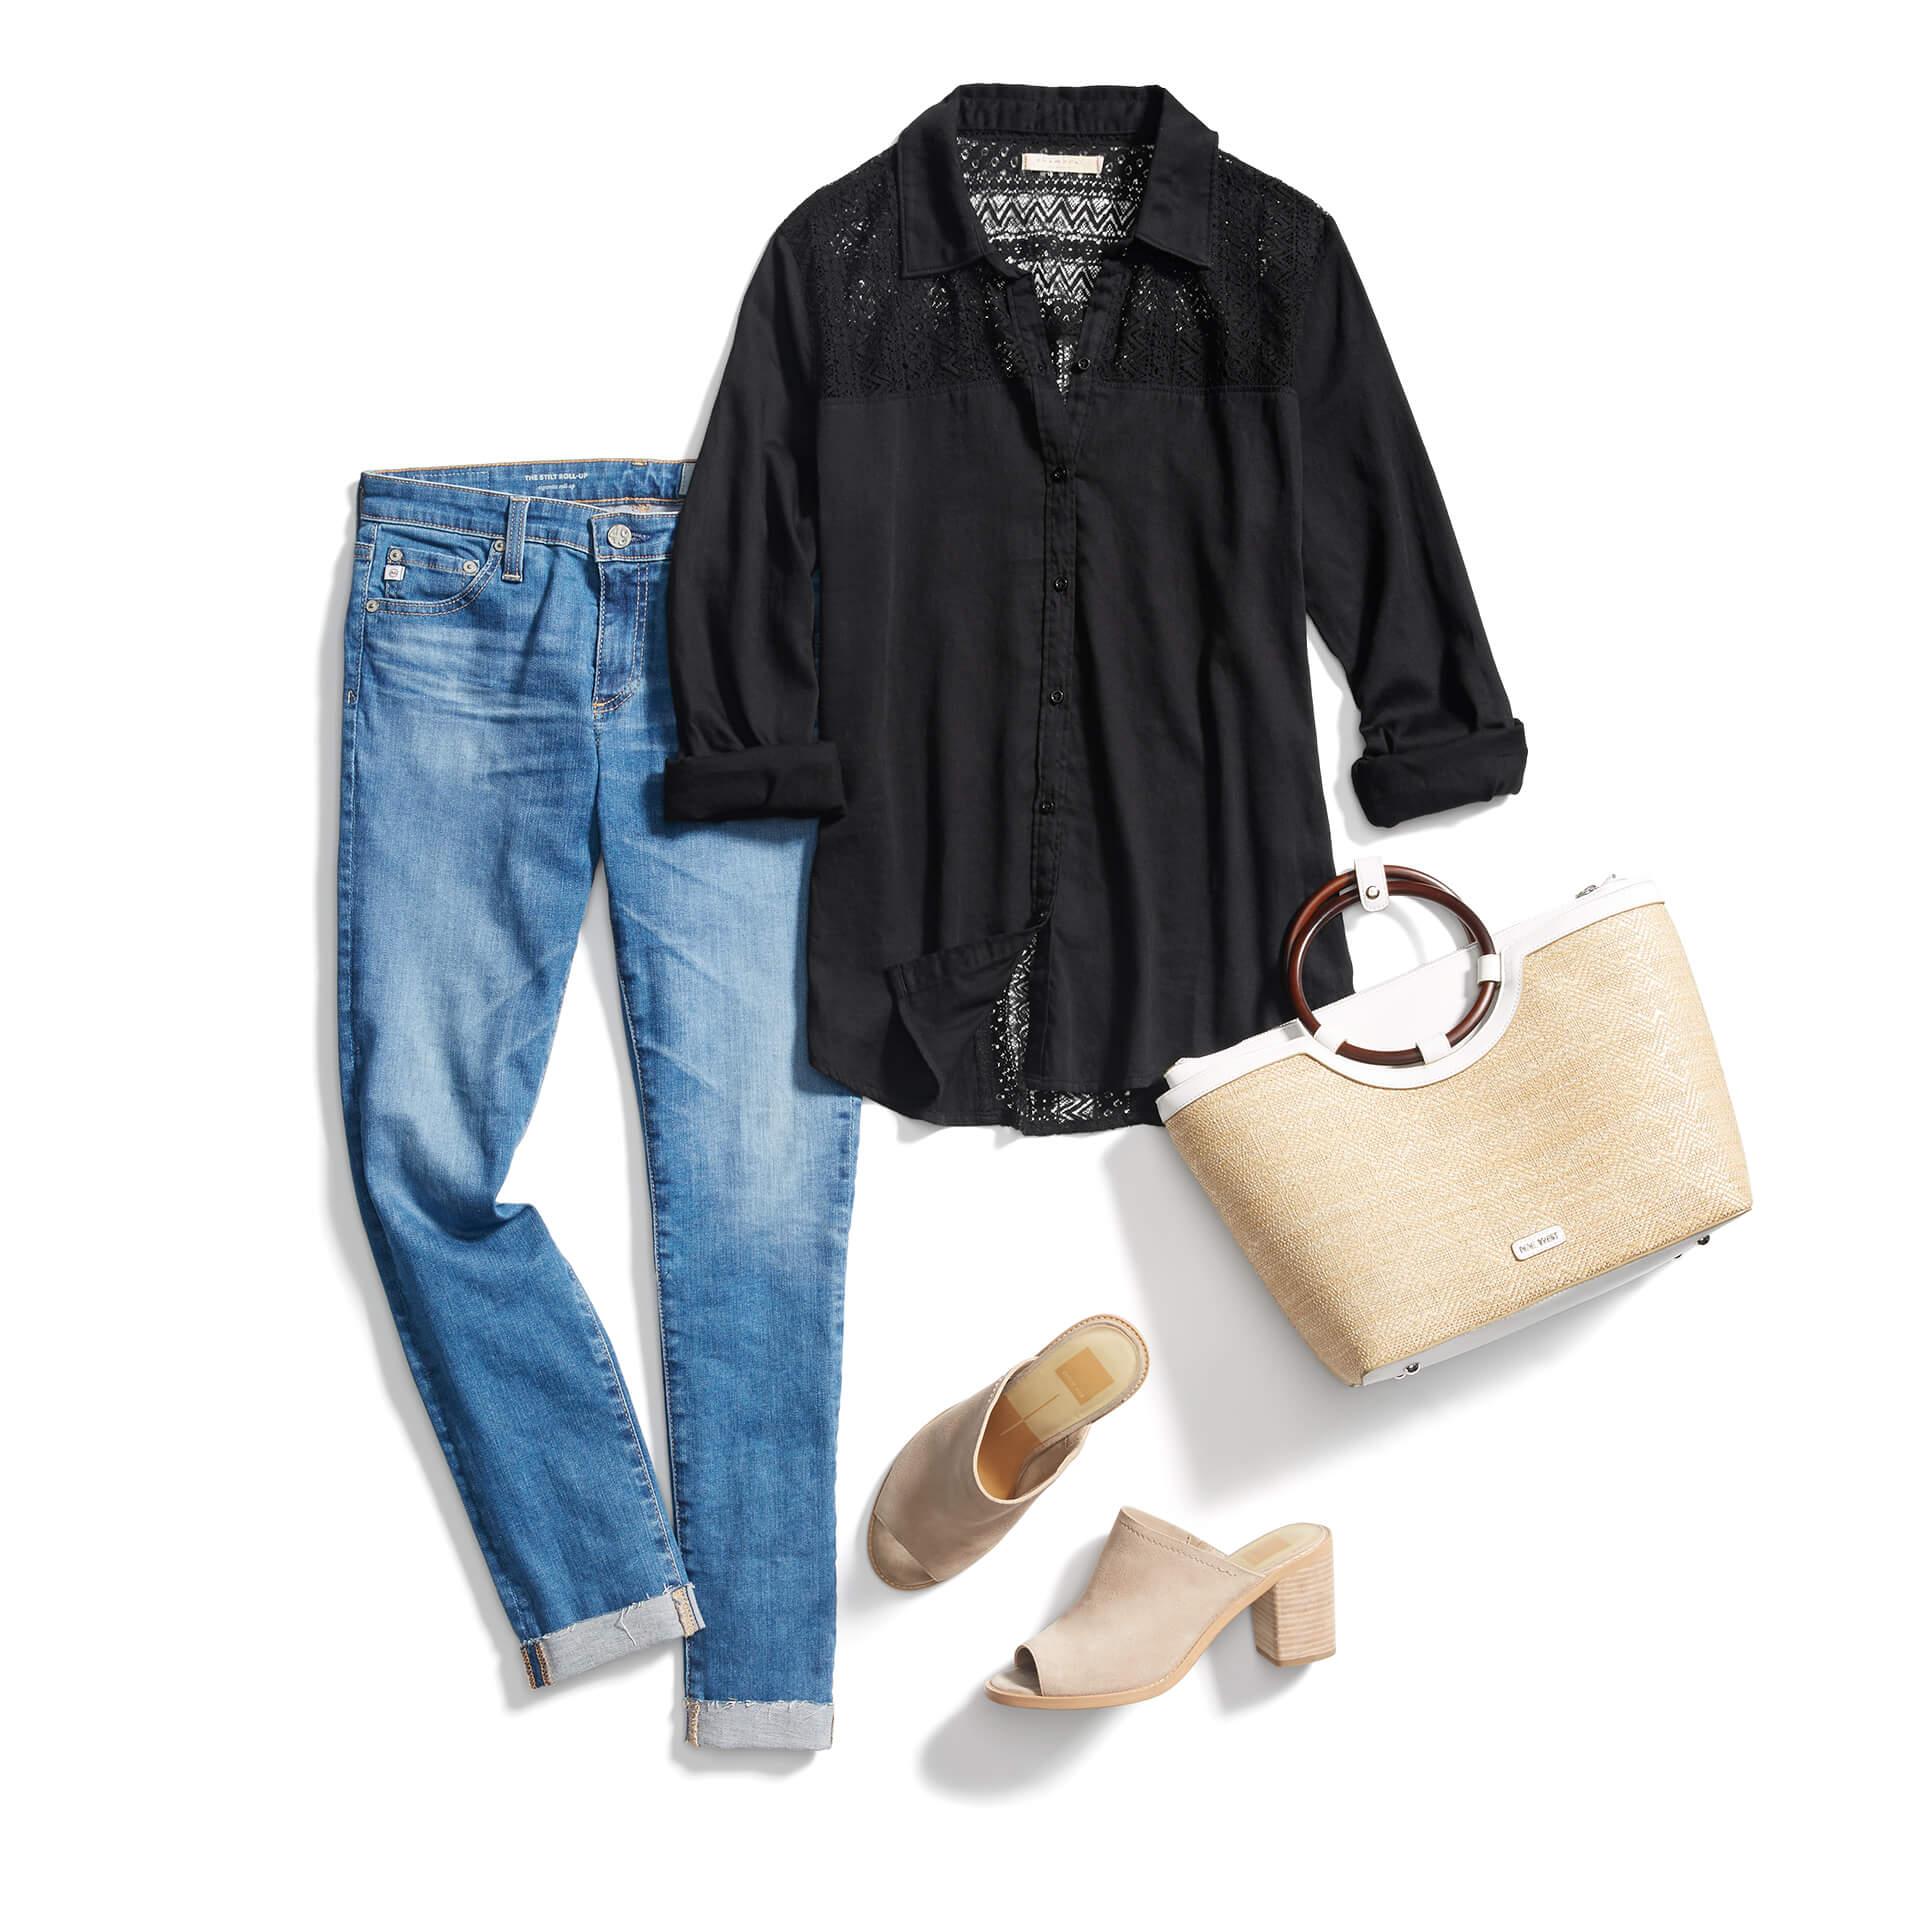 02_07_W_03W1_EML_SPR17_NL_10-Spring-Fashion-Does_v2_SQ